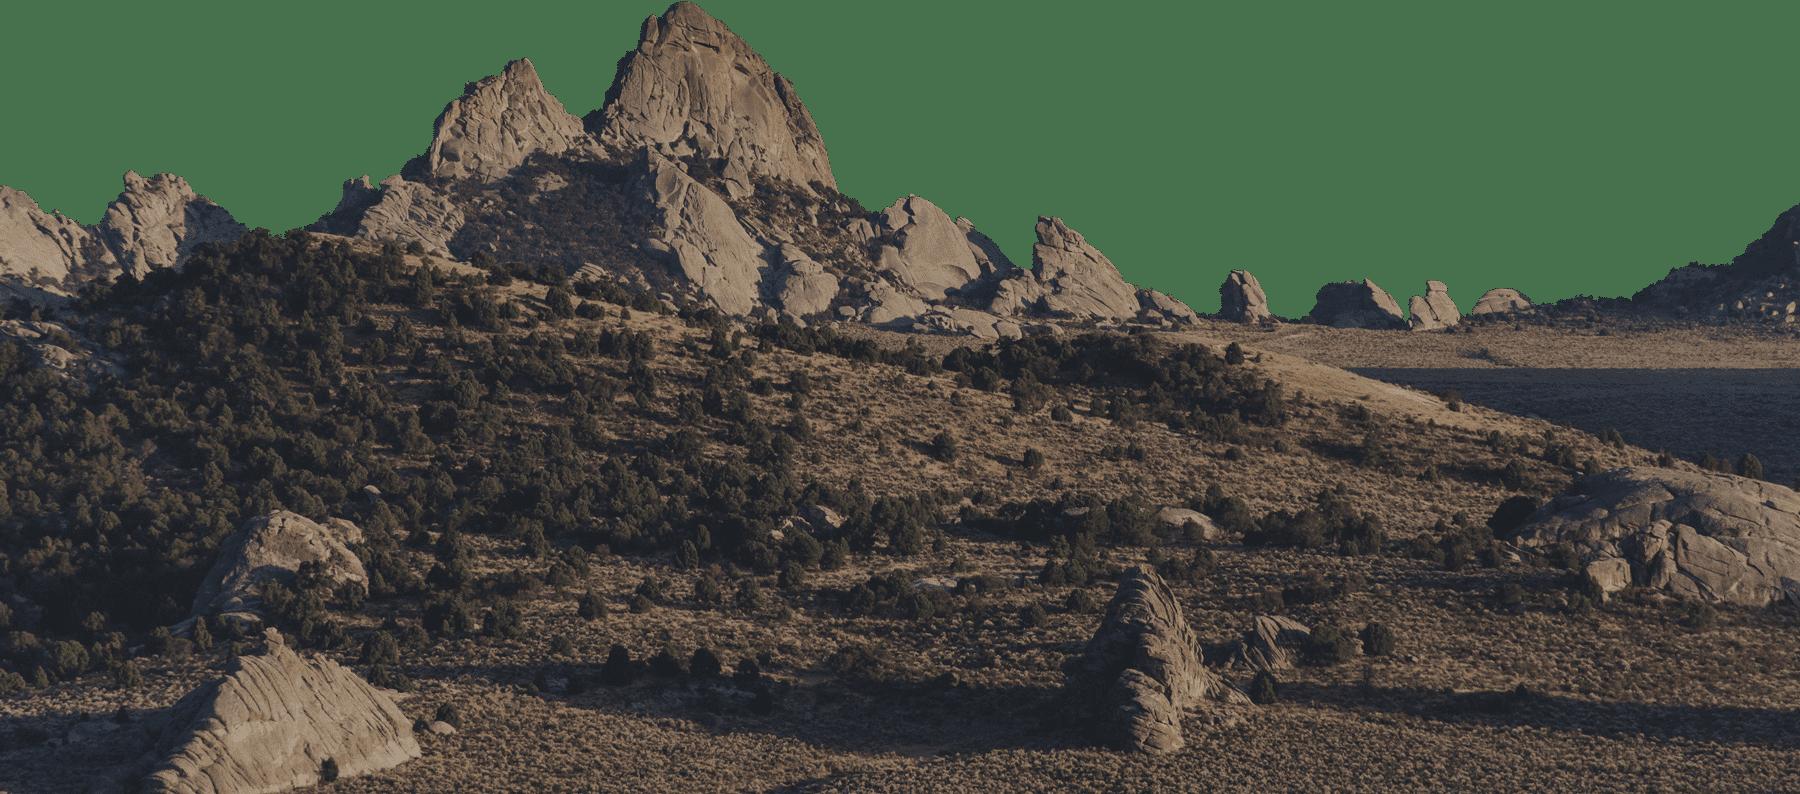 Tepui Desert Rocks